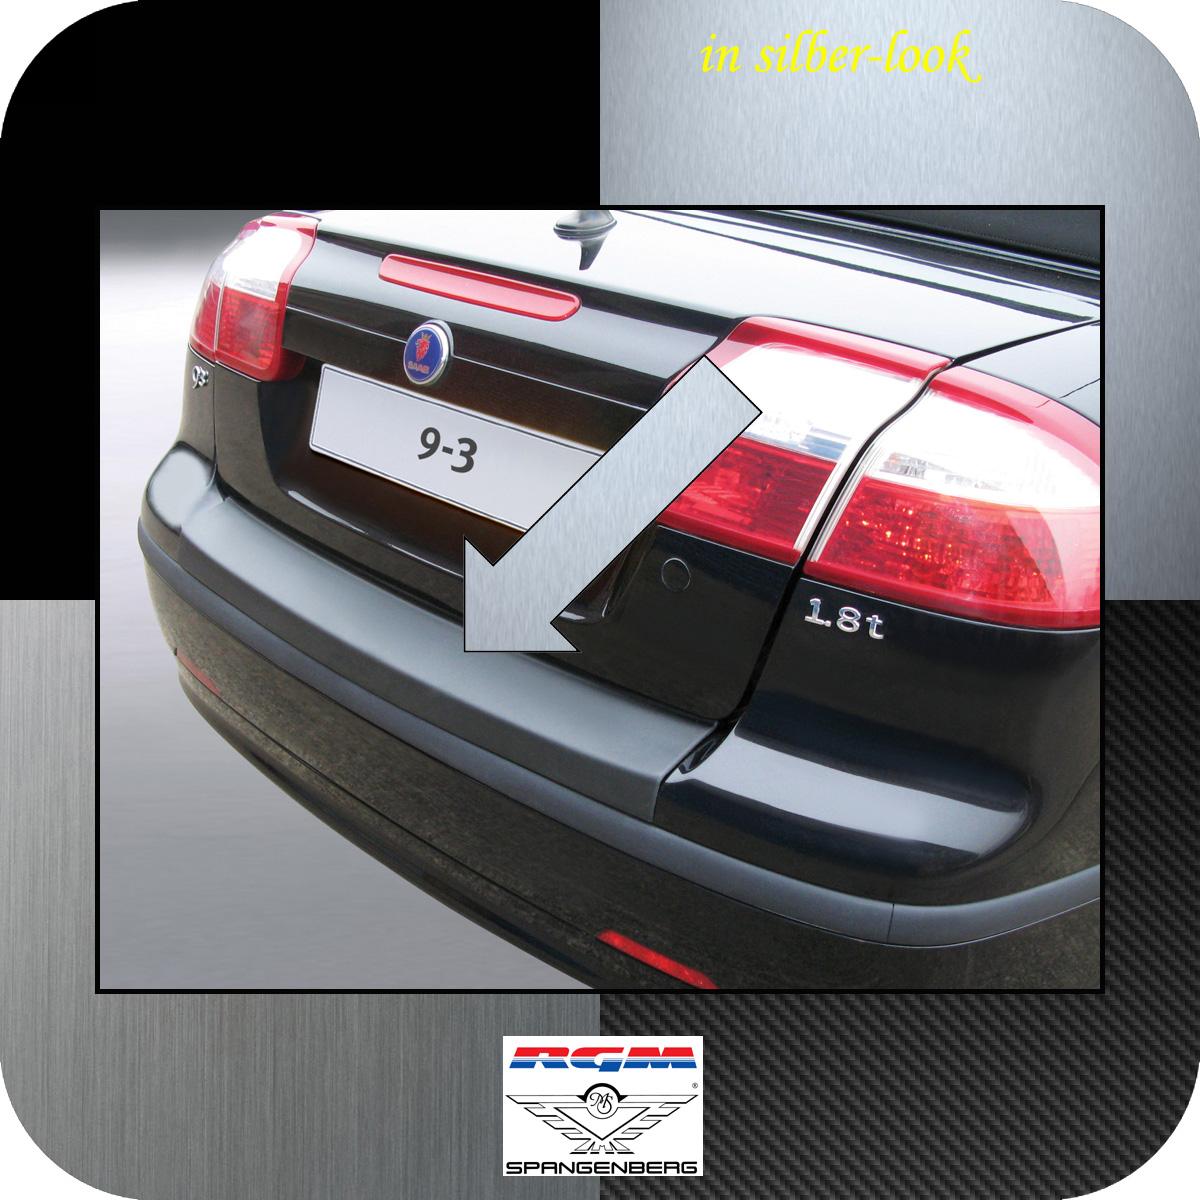 Ladekantenschutz Silber-Look Saab 9-3 II Cabrio 2-türig vor Mopf 2003-07 3506403